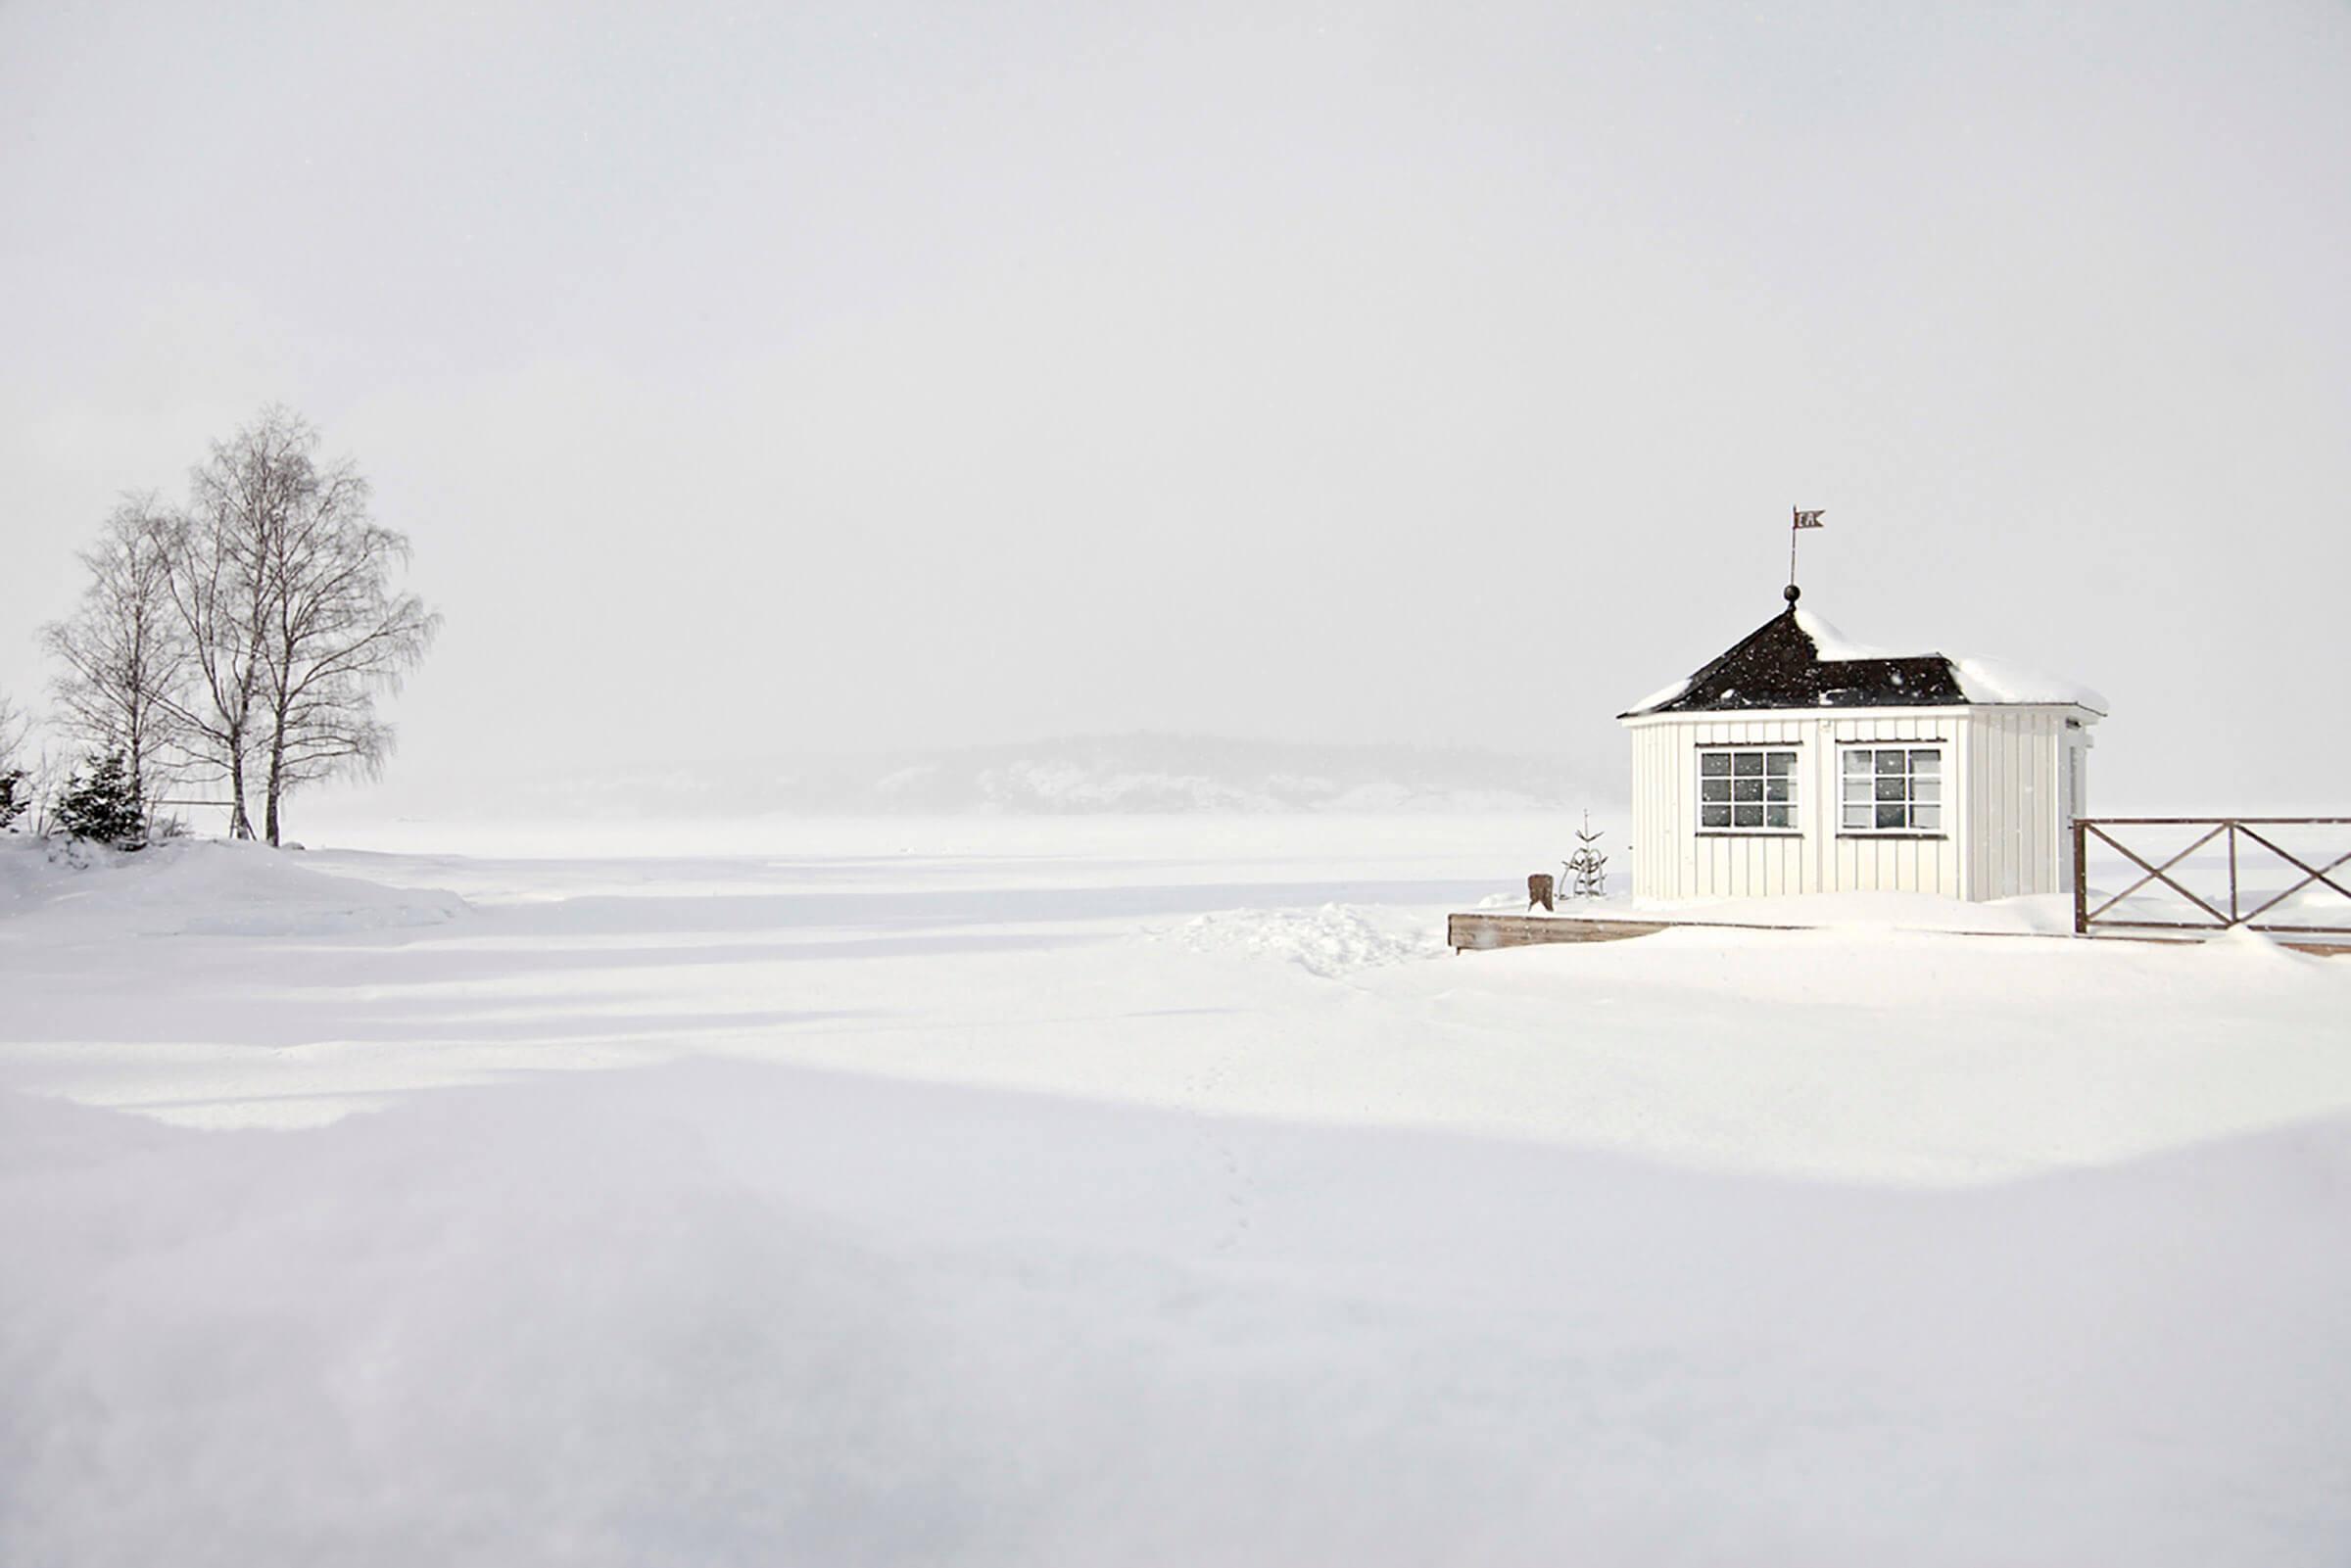 snötäckt brygga med lusthus